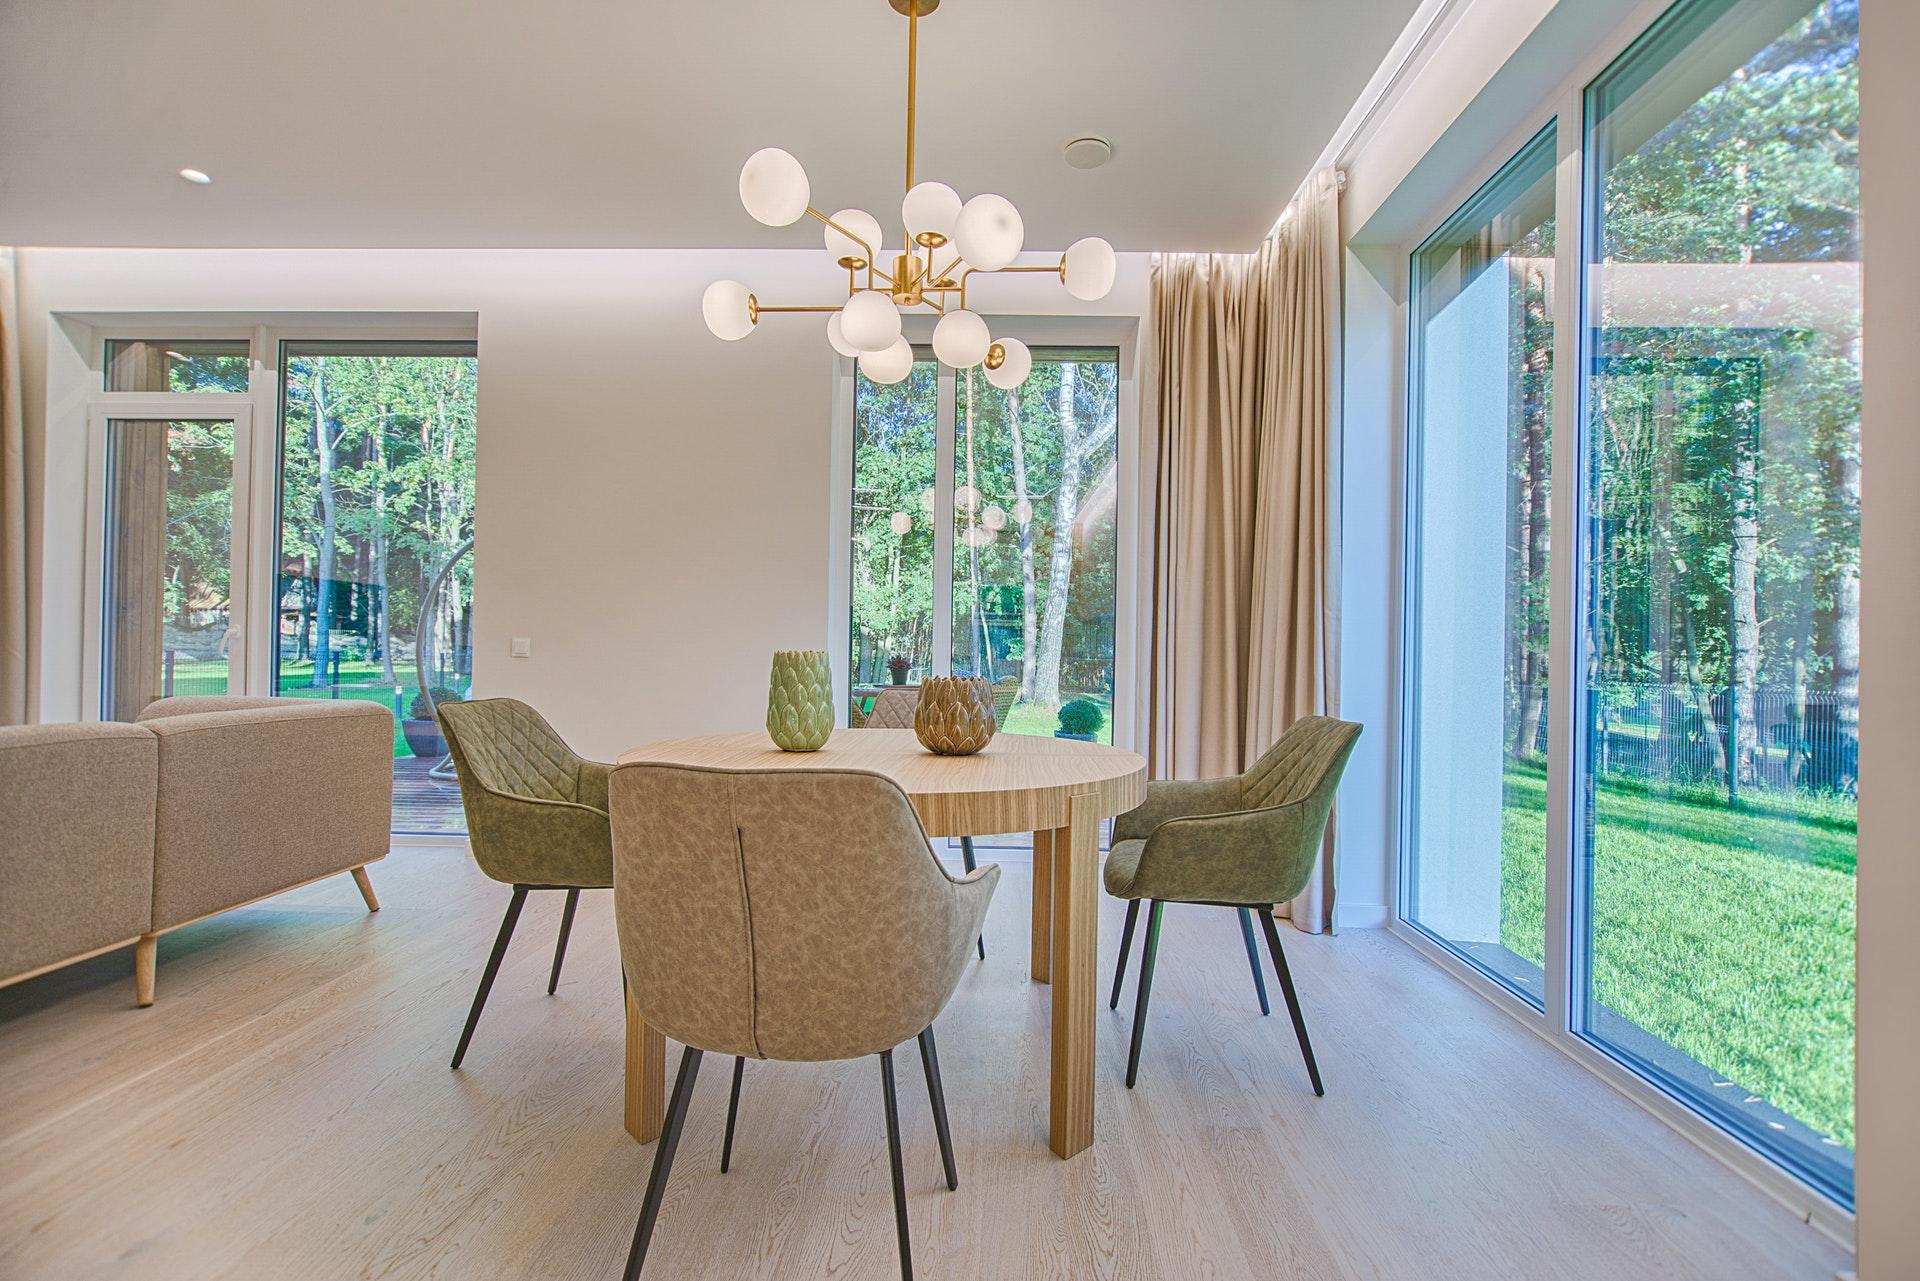 ユニバーサルホームで家を建てた人の本音の評判・口コミを暴露!坪単価や特徴・注意点まで分かる完全ガイド